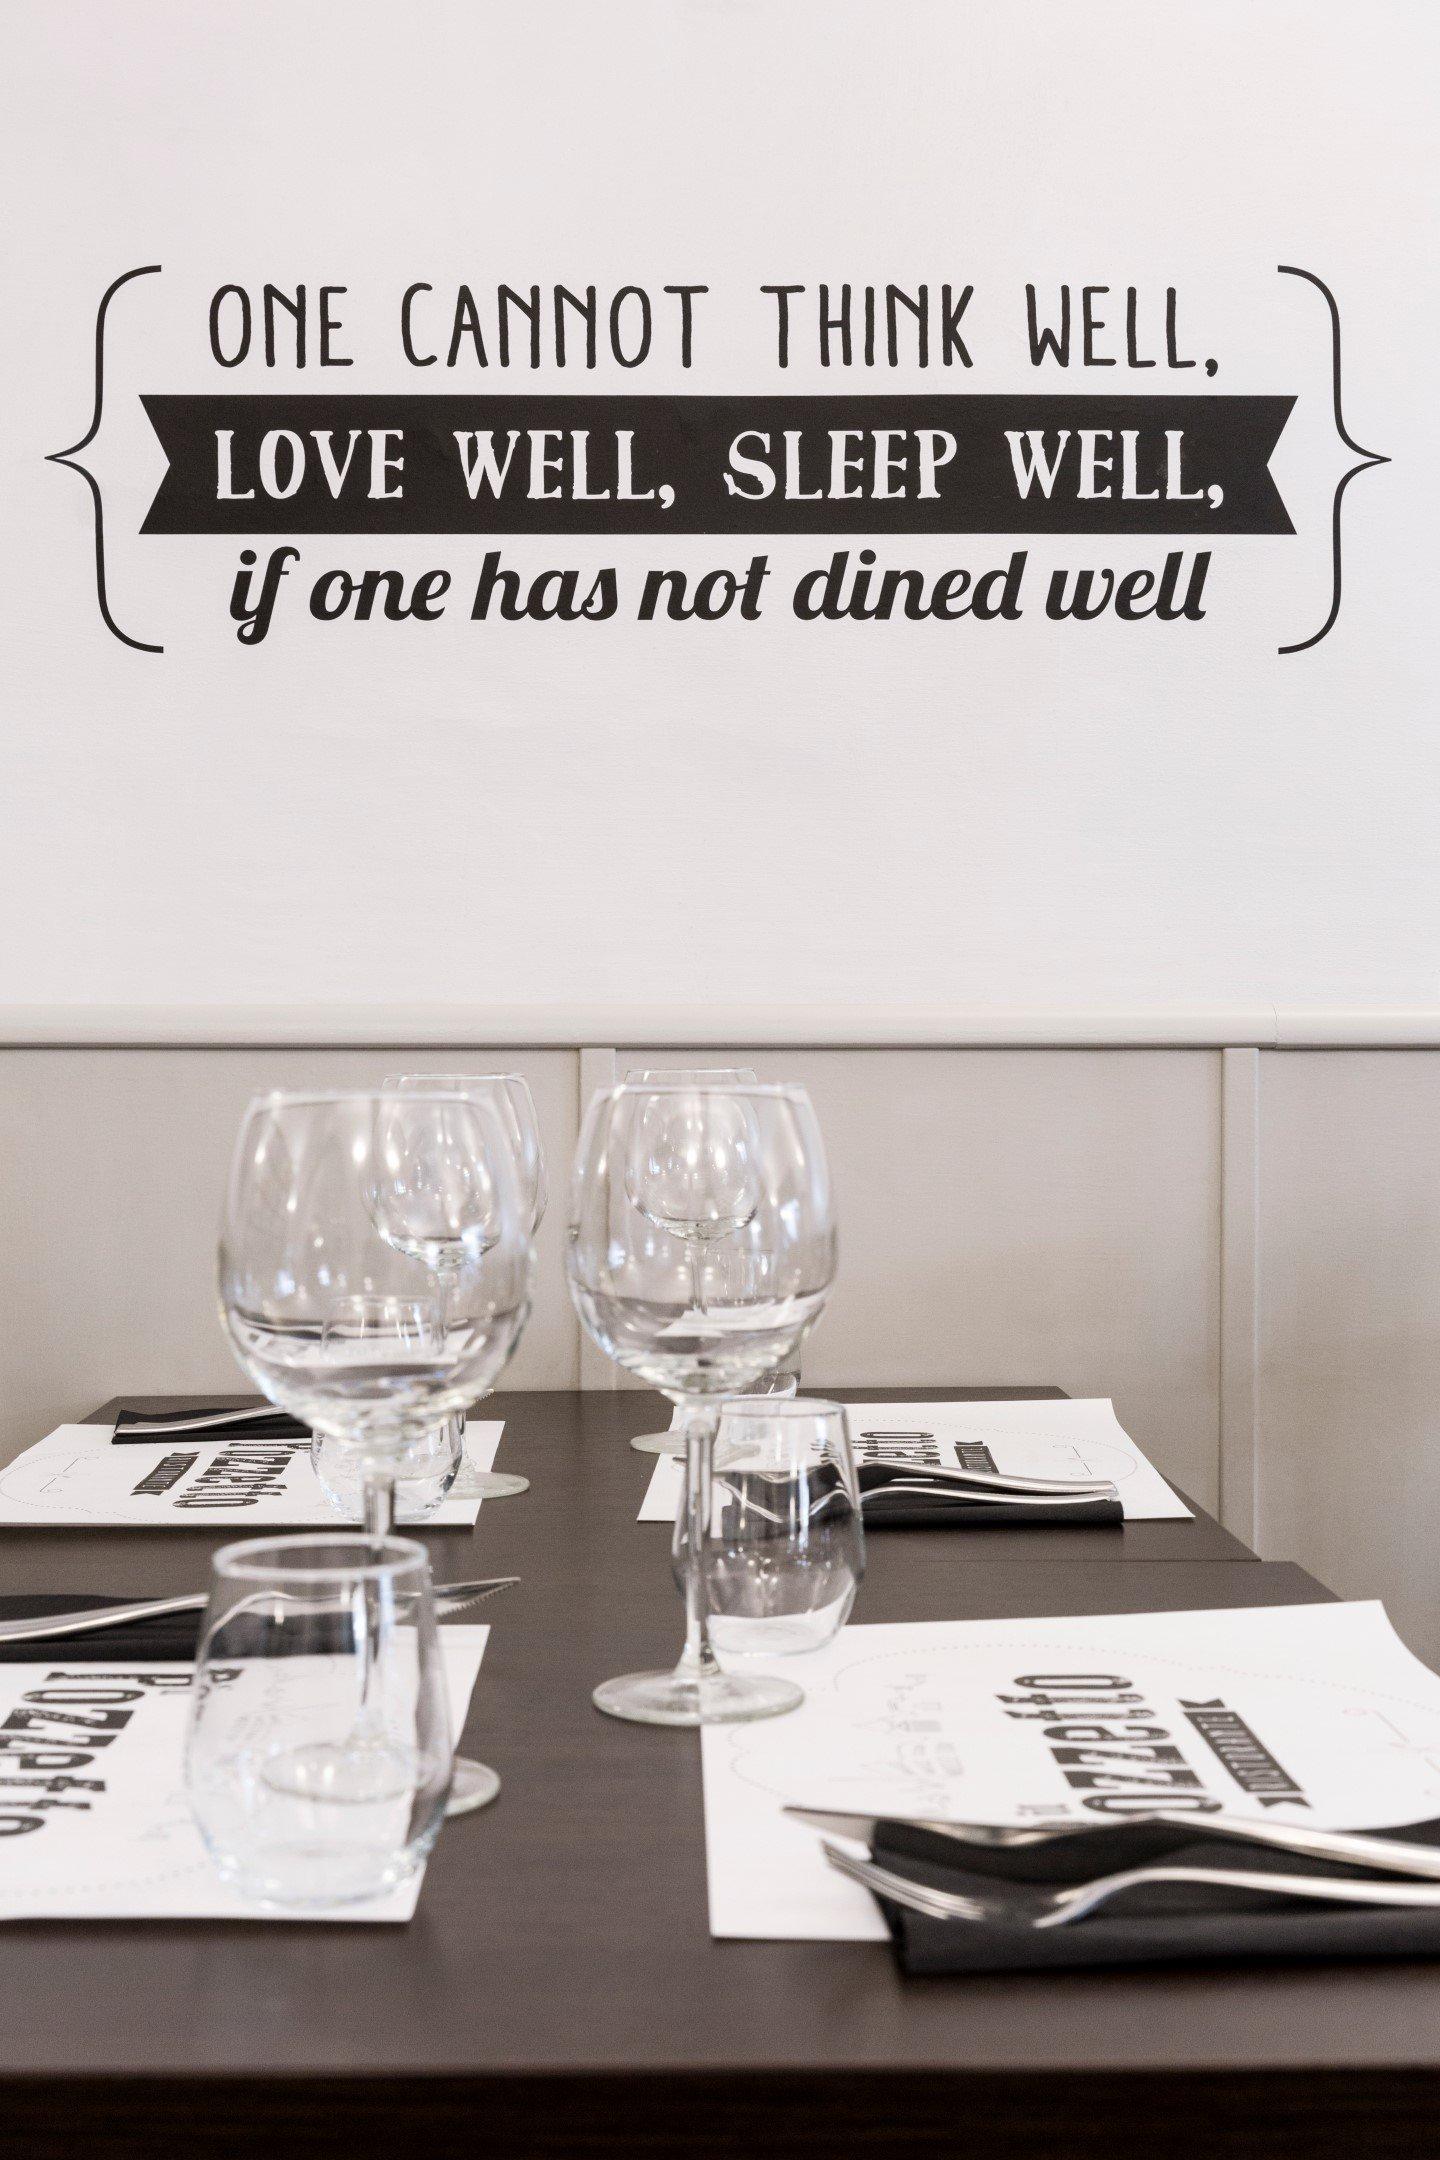 scritta sul muro con un tavoli in primo piano